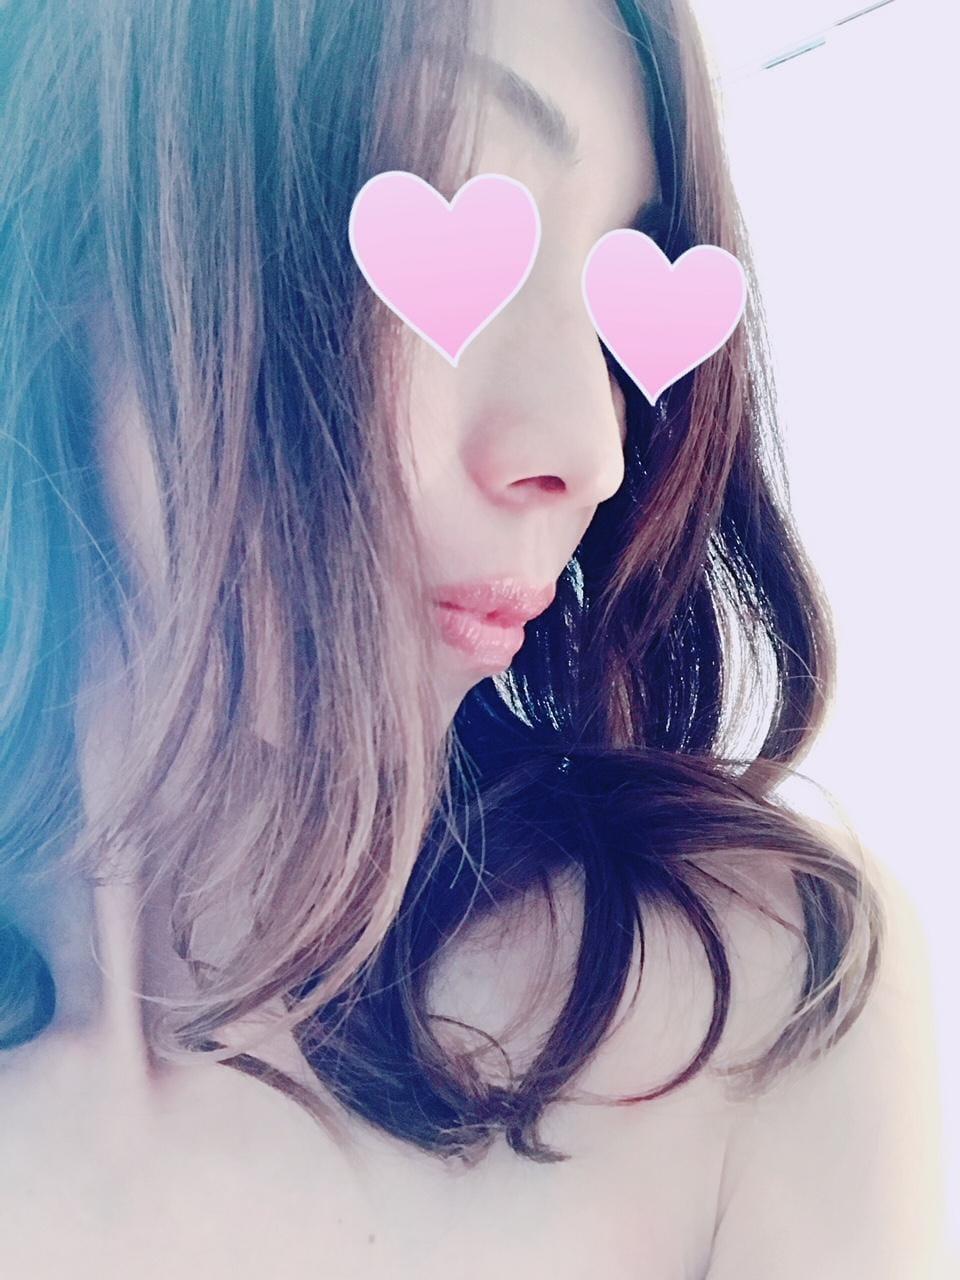 ねね「ぬくぬく????????」12/19(水) 09:23 | ねねの写メ・風俗動画